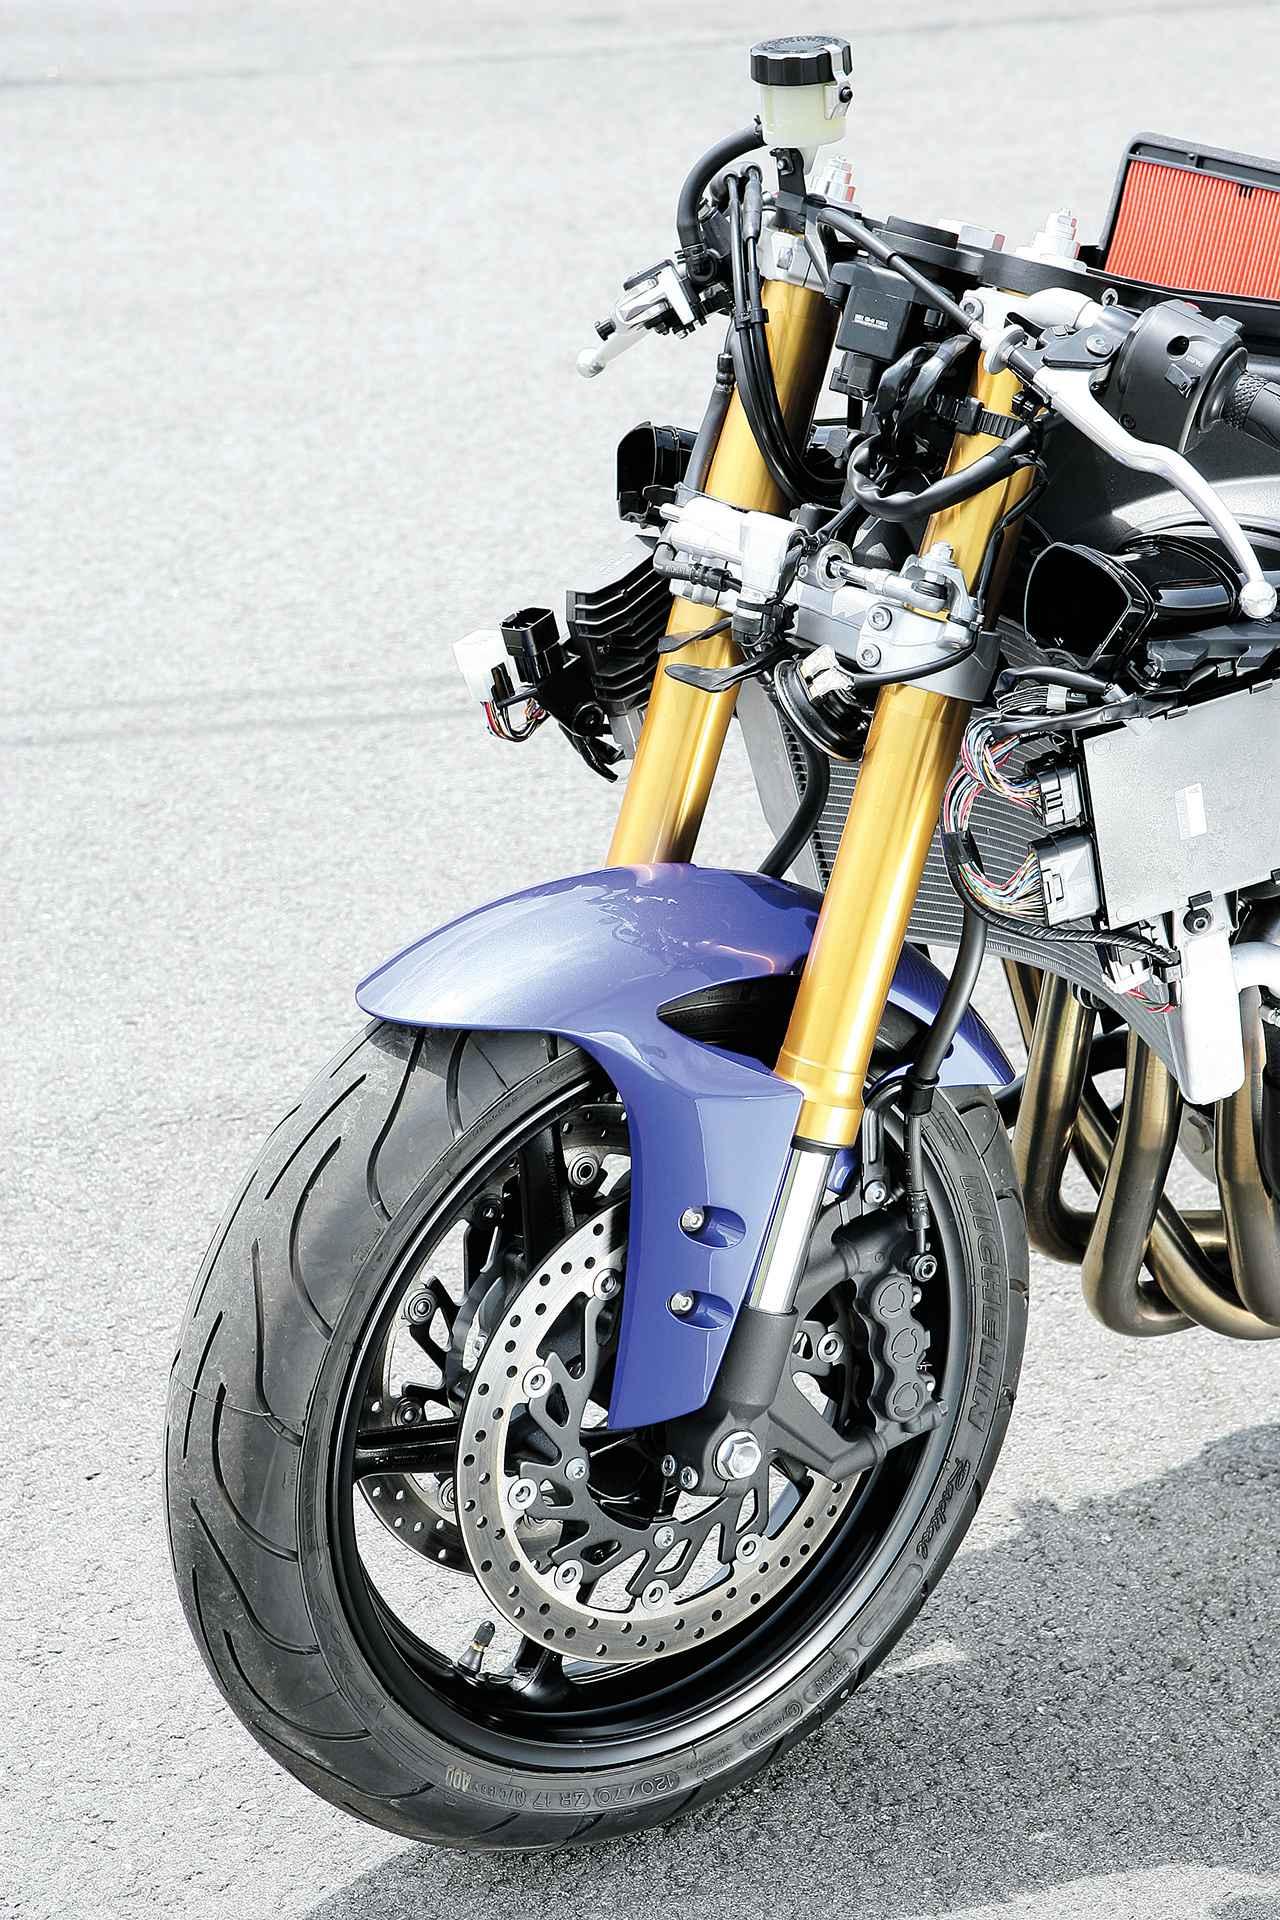 画像: フロントフォークは右が伸側、左が圧側の減衰力を分担して受け持つ。ブレーキは6ピストン4パッド対向キャリパー。